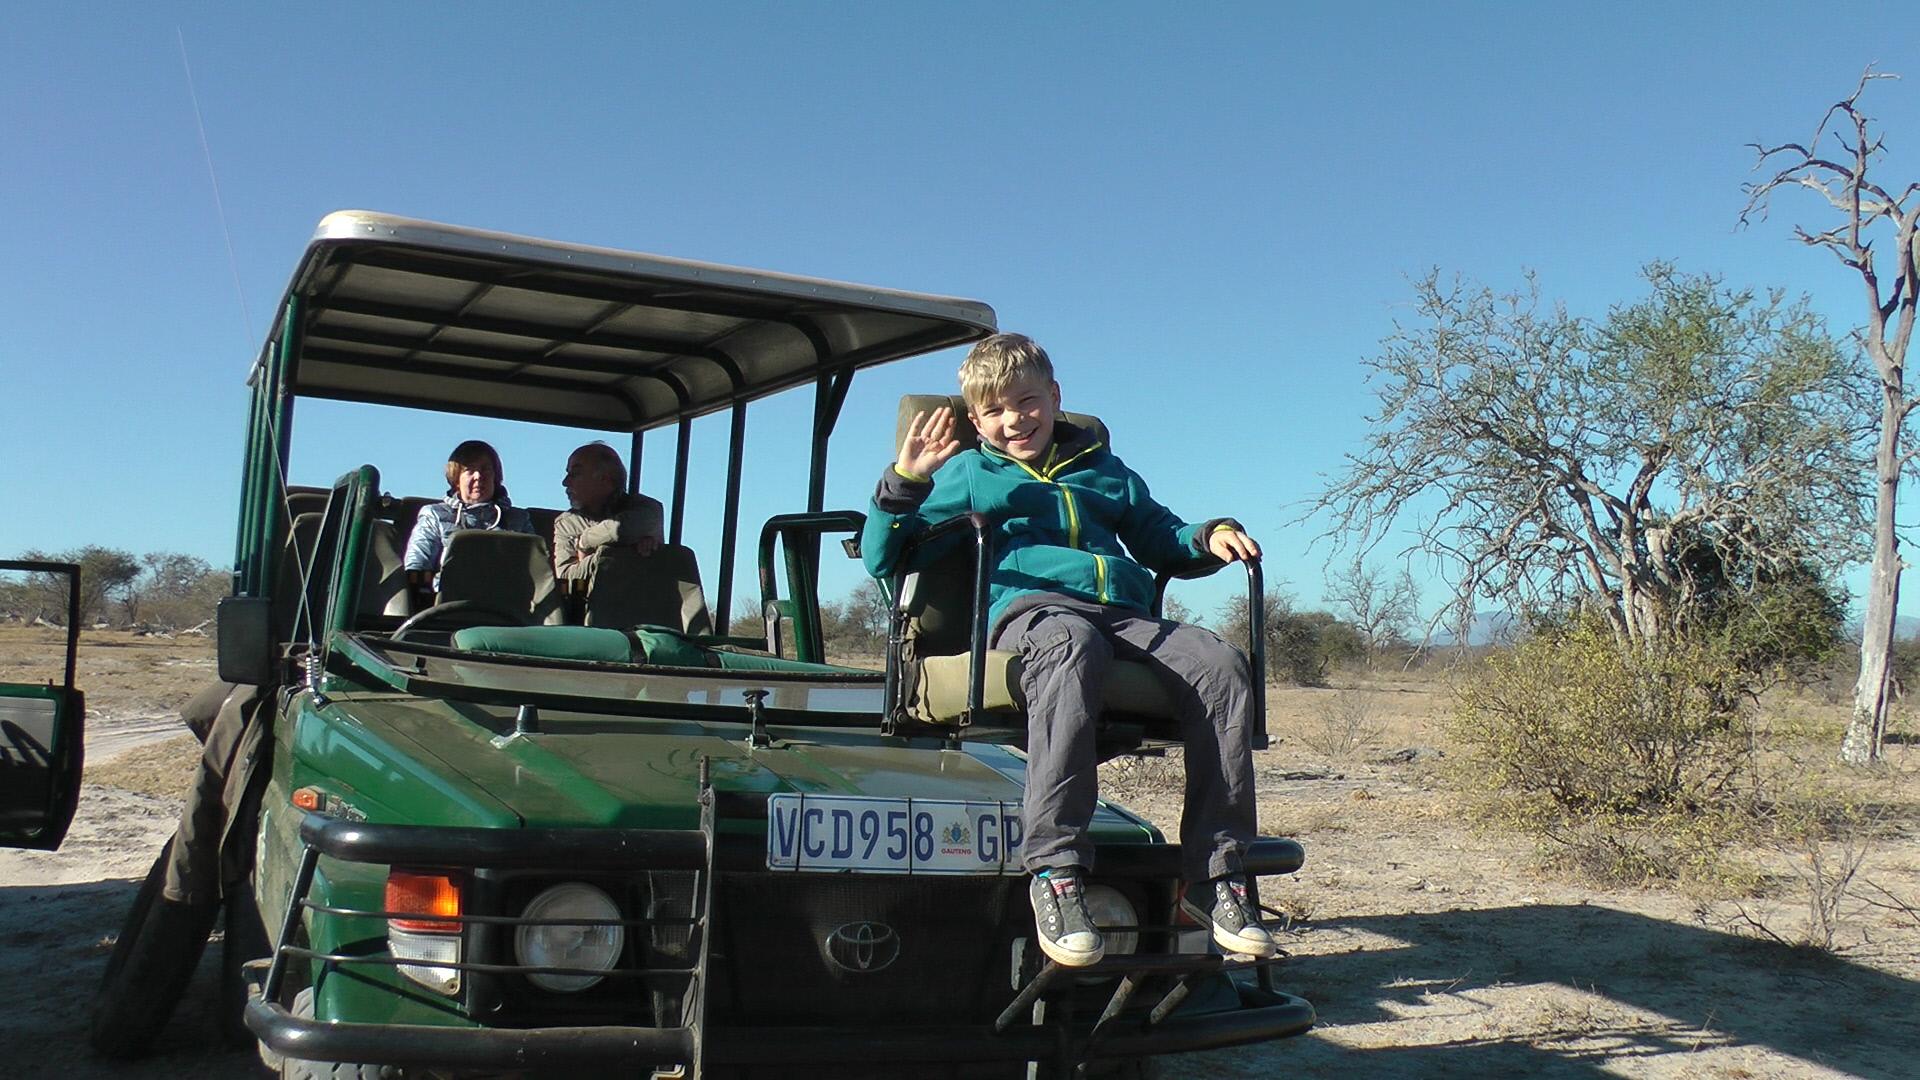 Safari mit Kindern ist immer etwas besonderes